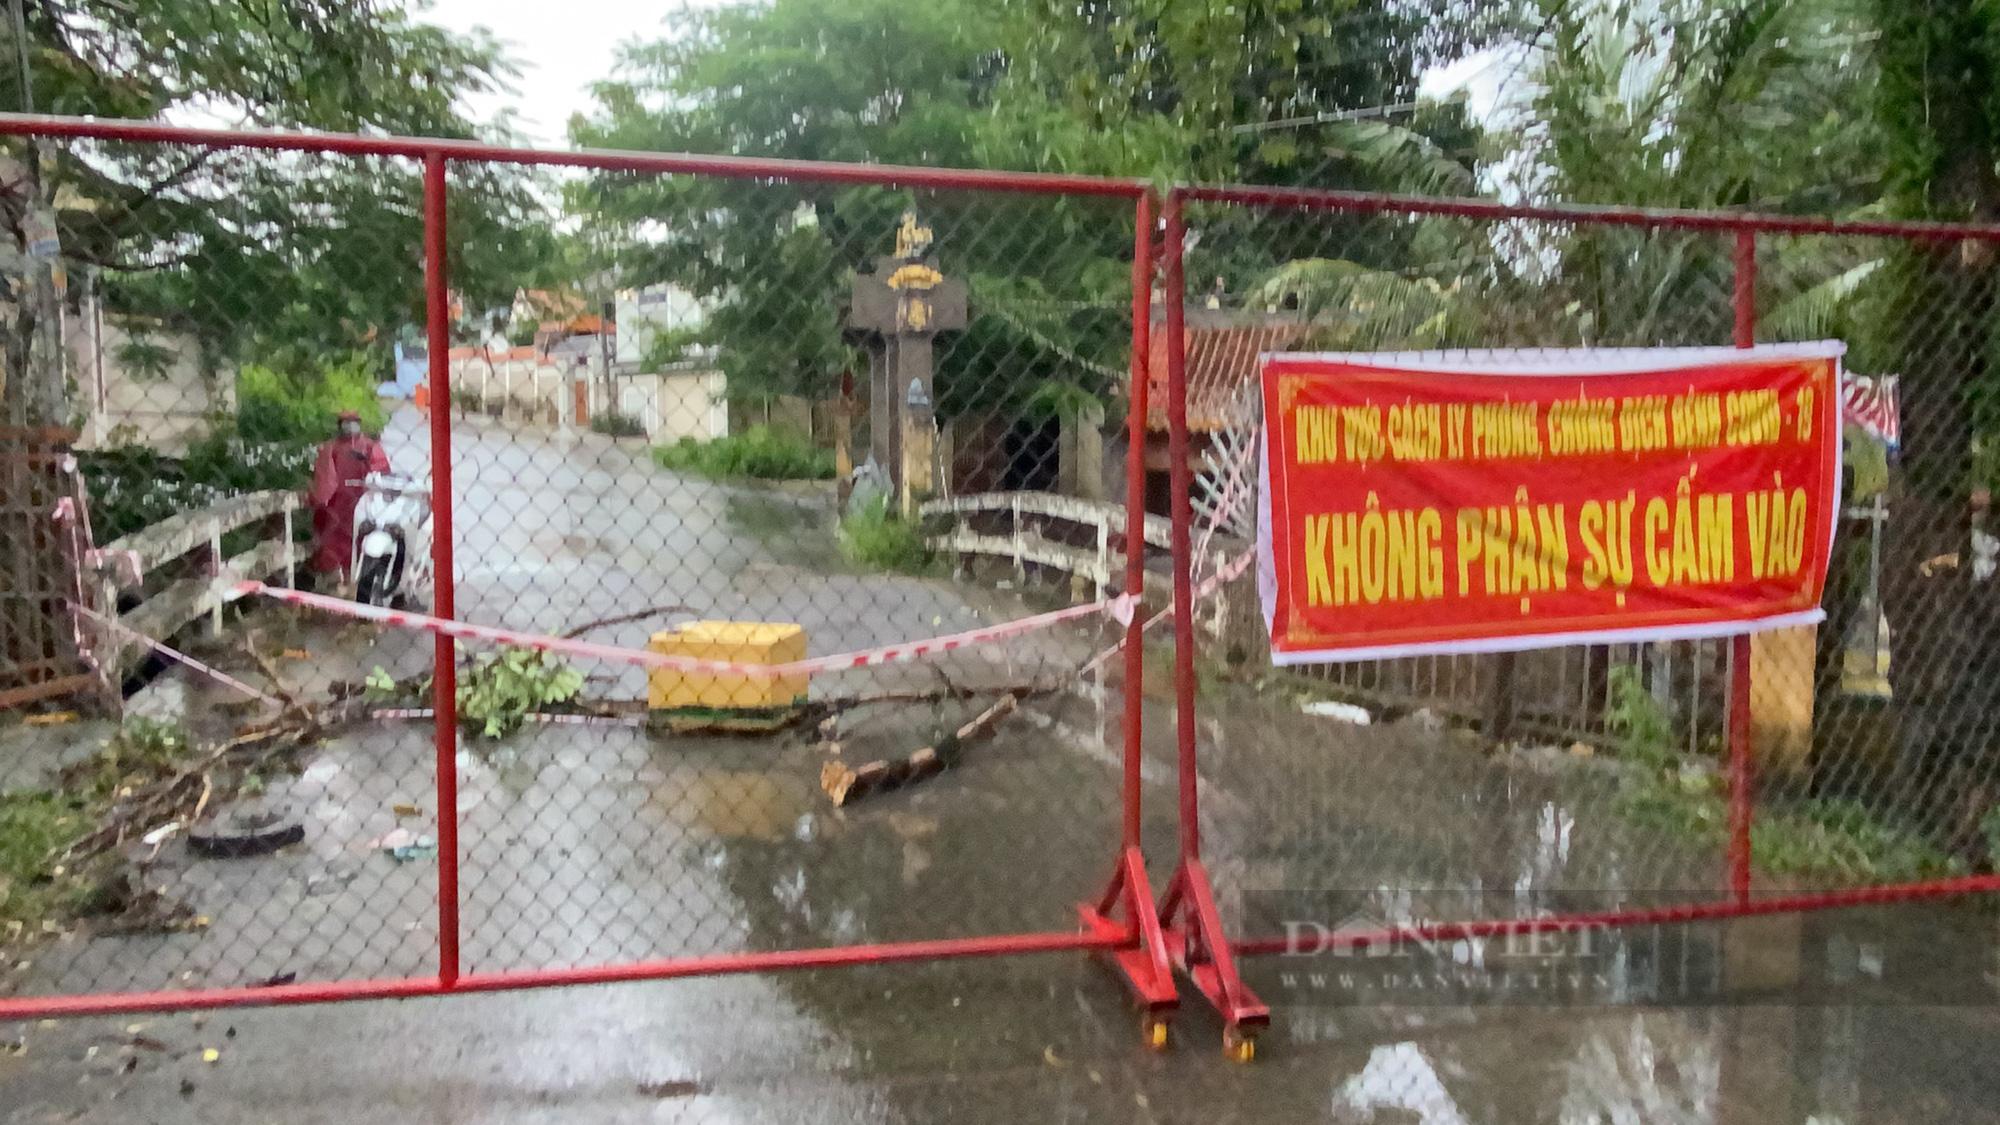 Đồng Nai: Chốt kiểm soát dịch những ngày mưa - Ảnh 8.